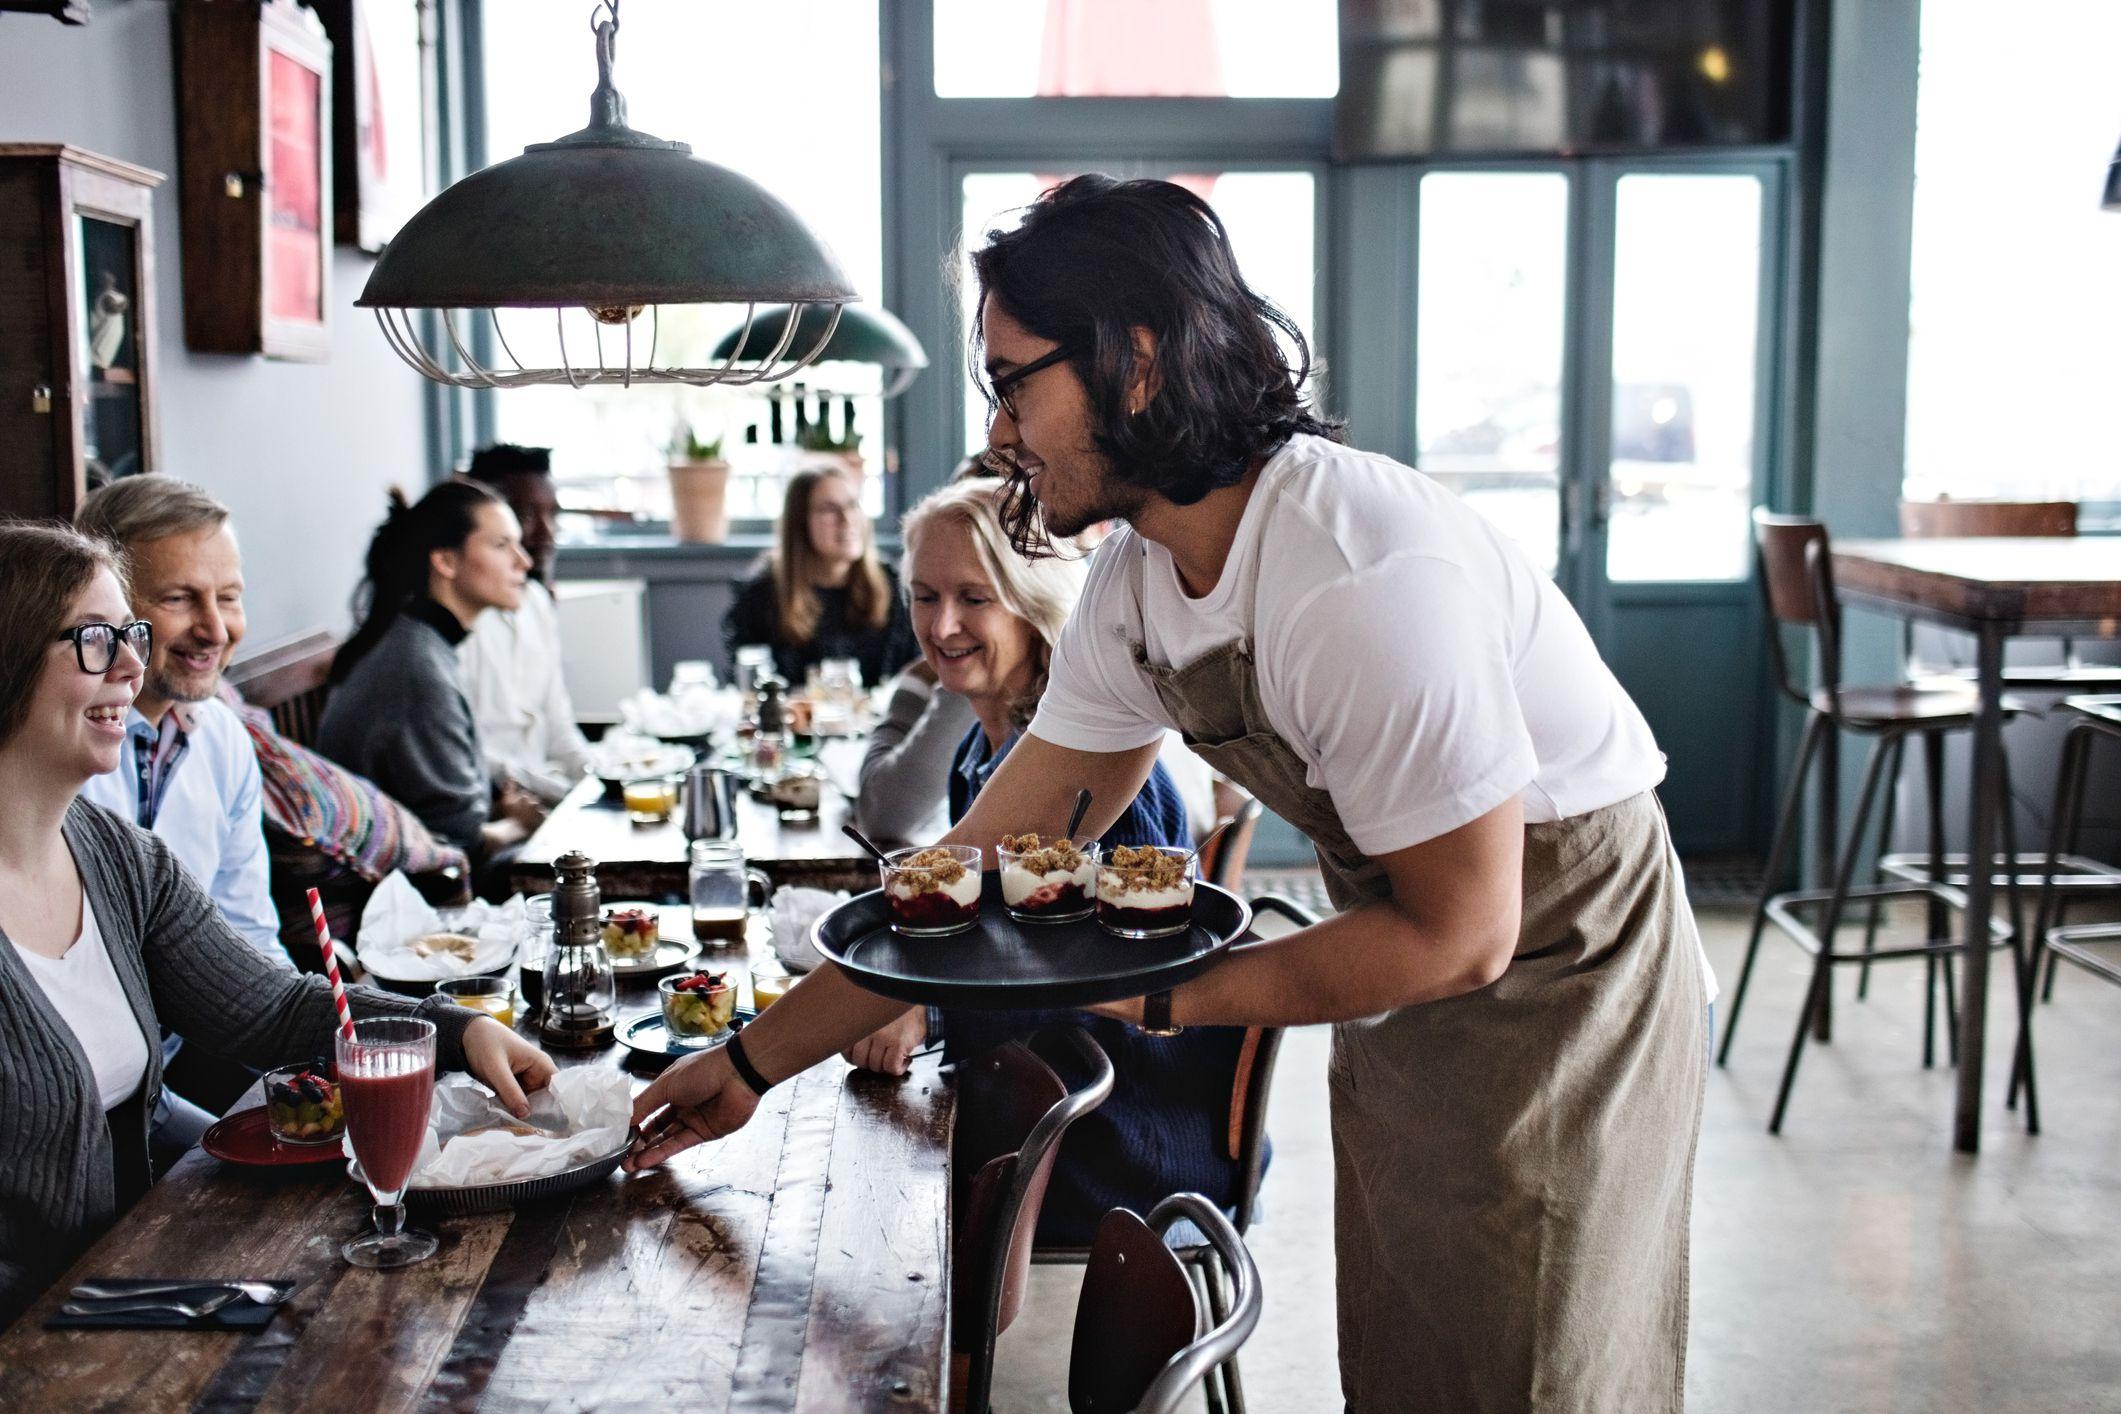 آموزش کارکنان جدید رستوران